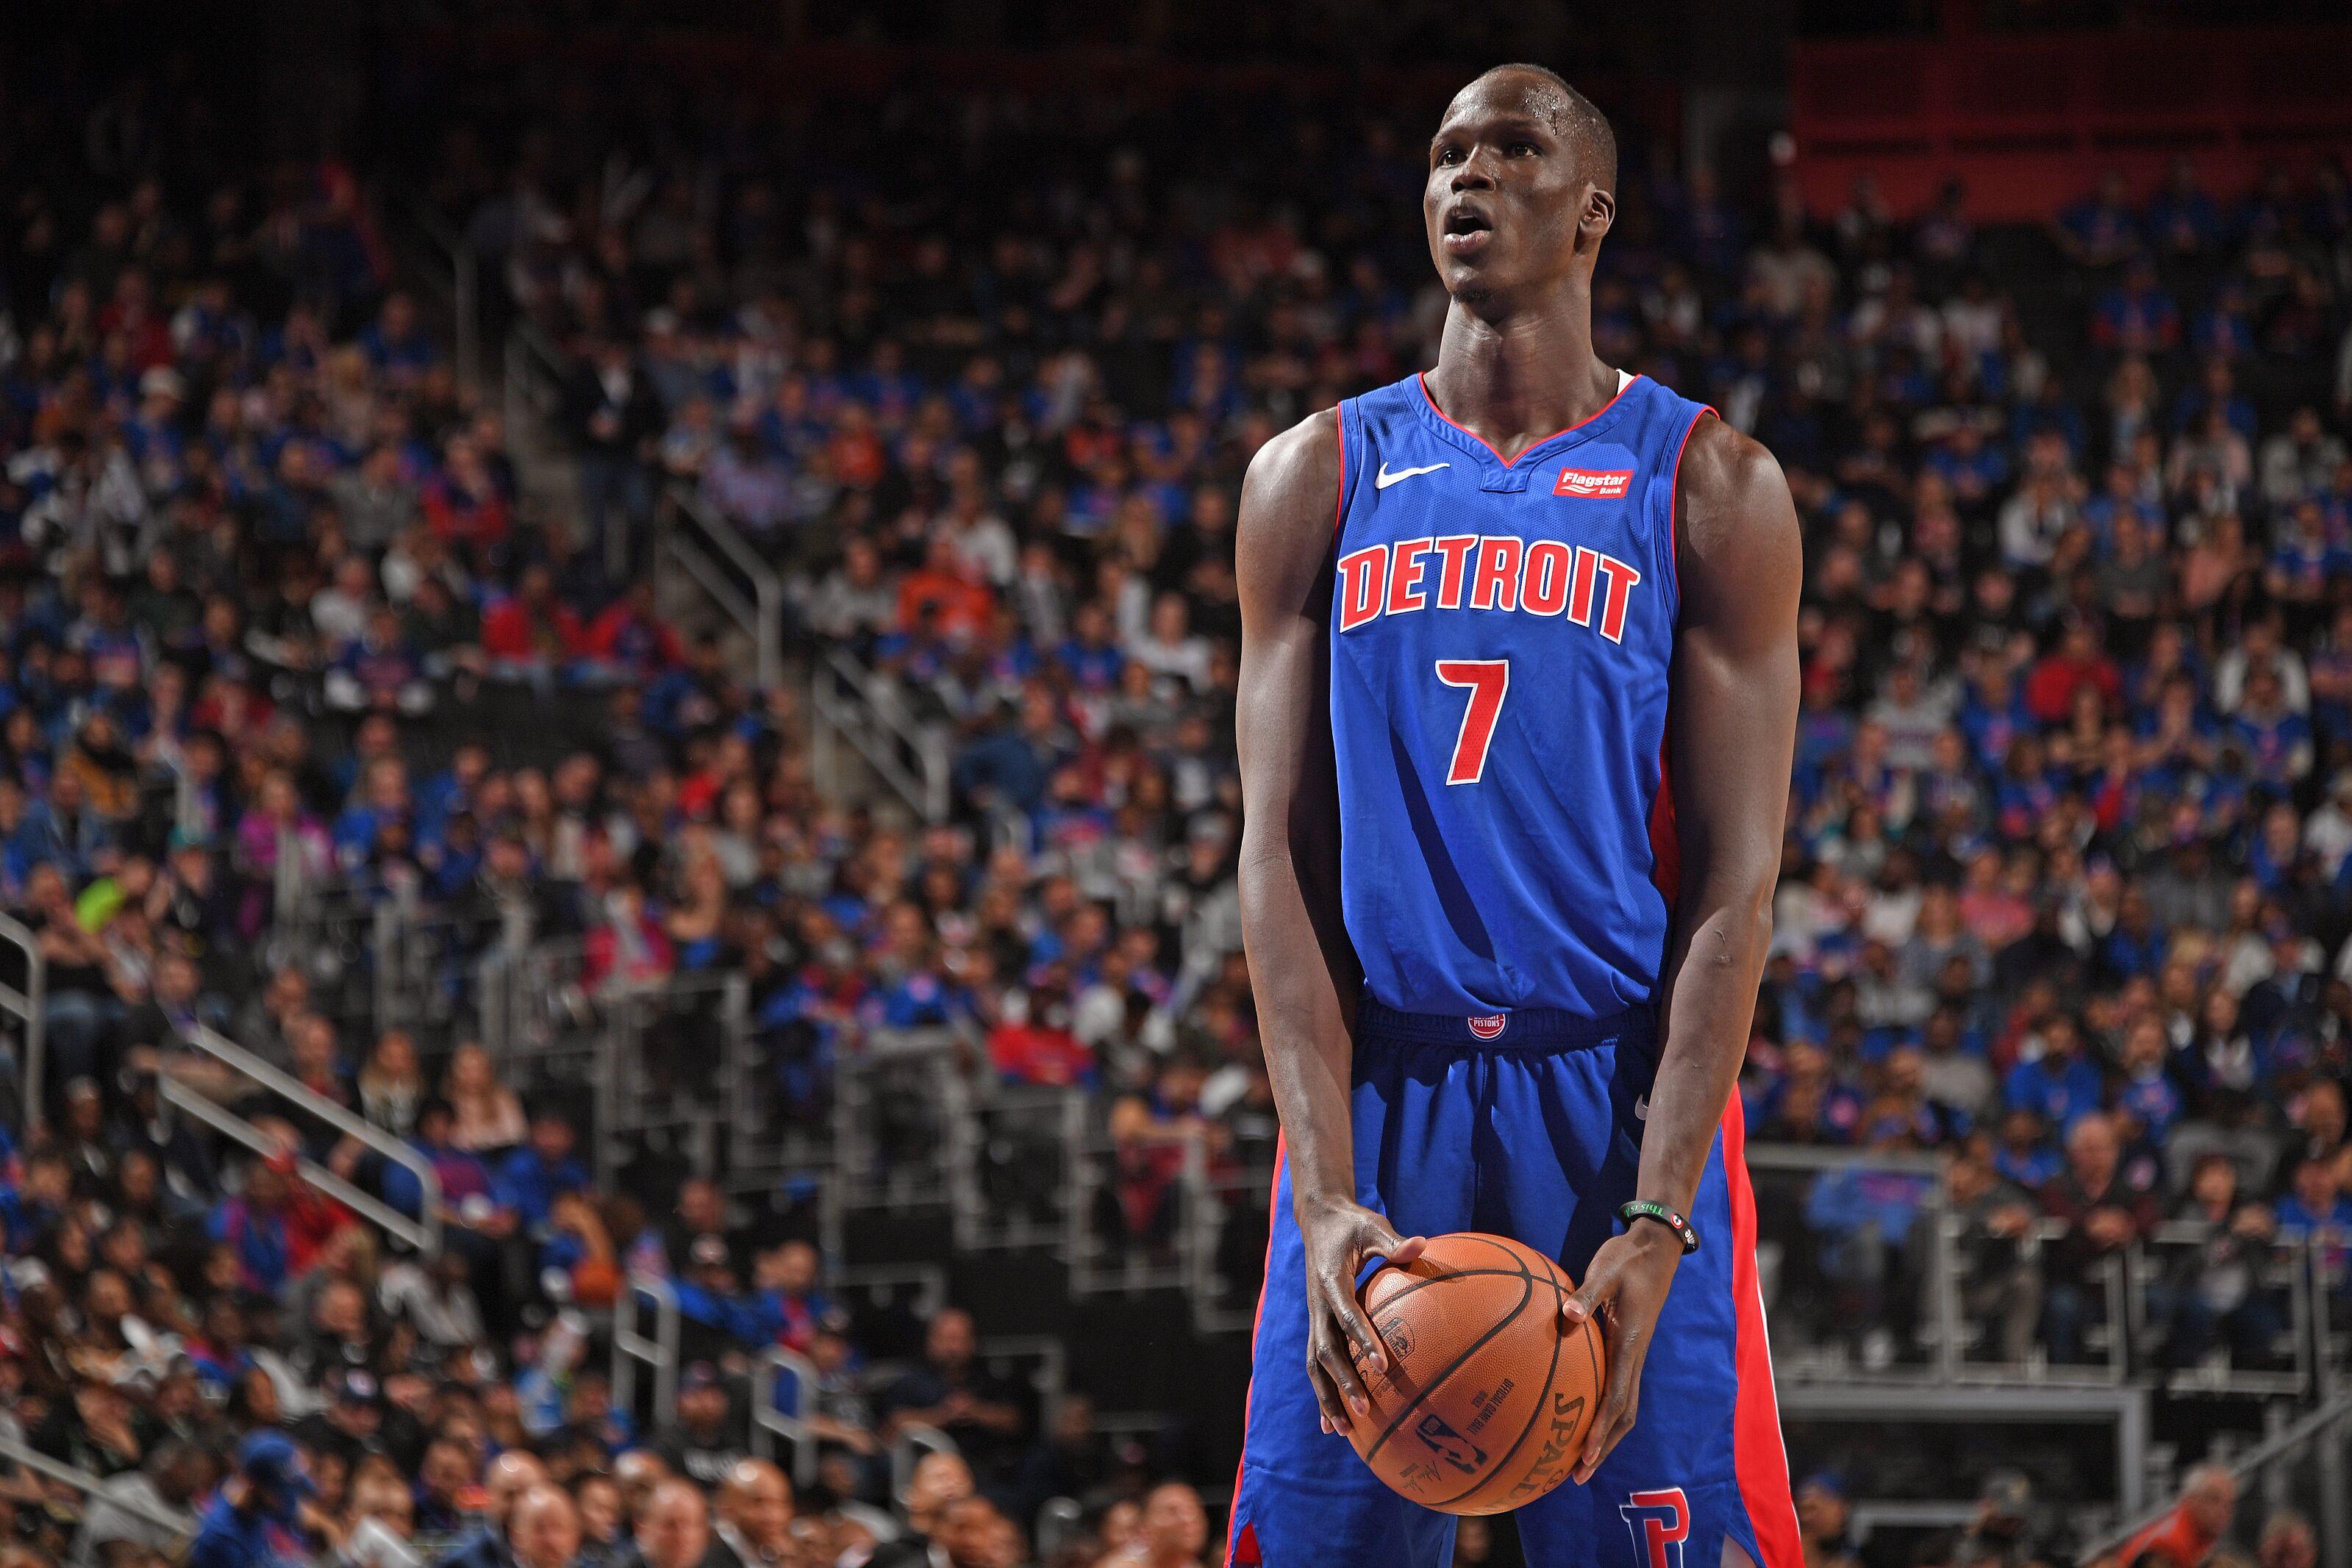 Detroit Pistons 2019-20 preview: Thon Maker's profile